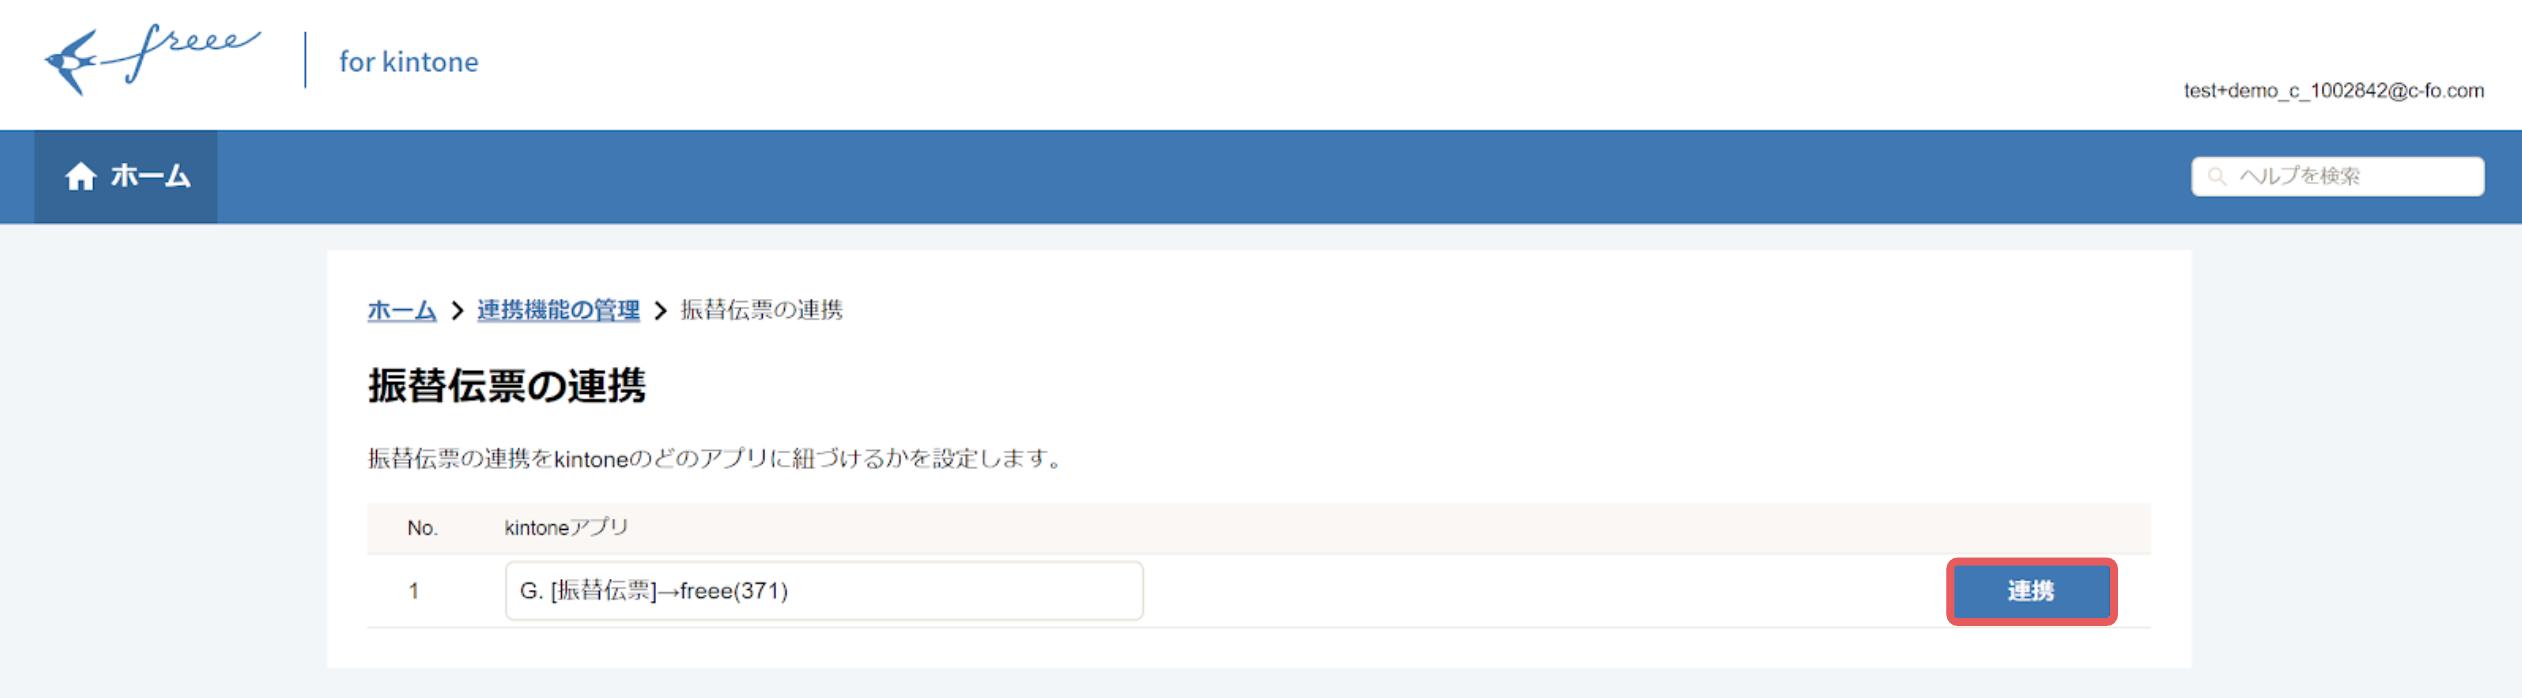 Screen_Shot_2020-07-10_at_15.04.38.png